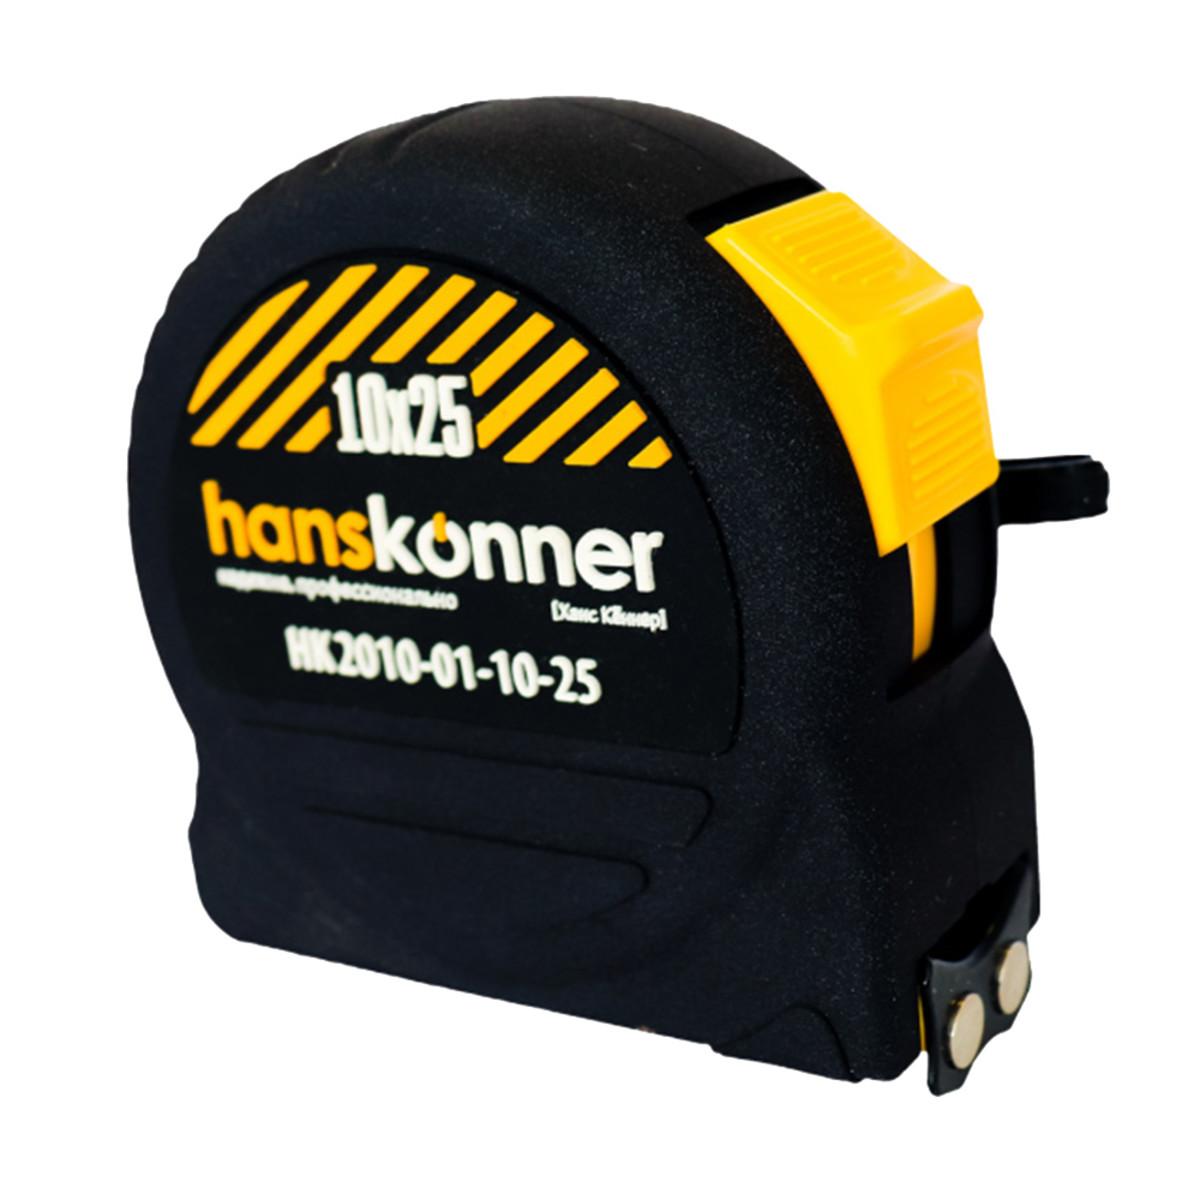 Рулетка Hanskonner HK2010-01-10-25